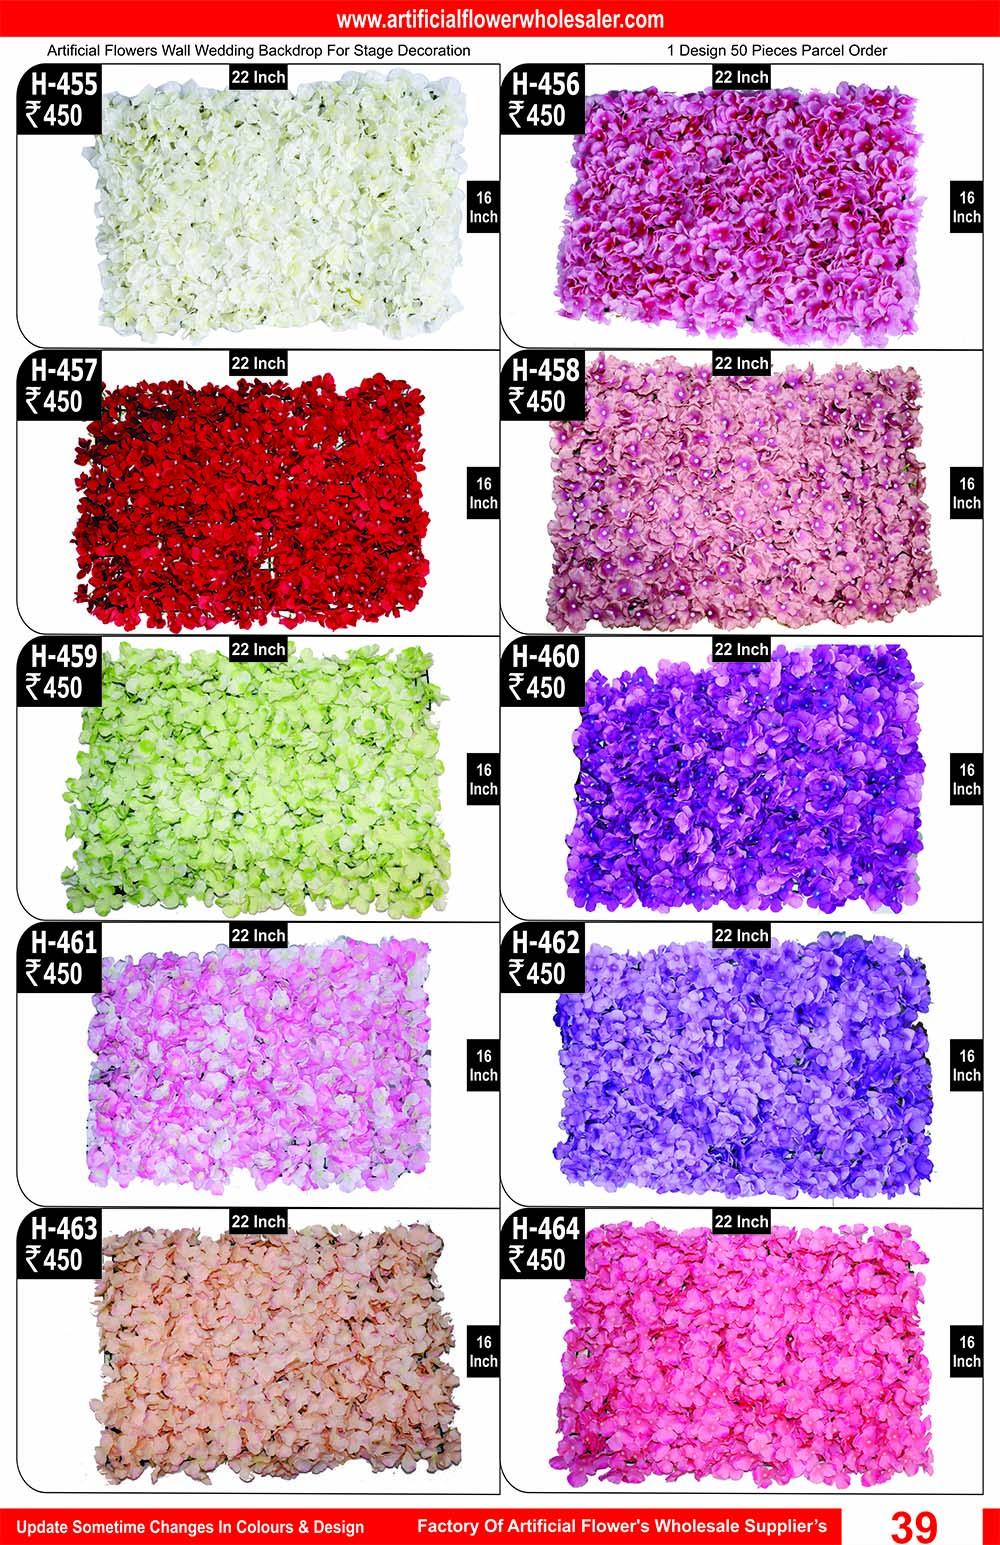 39-artificial-flower-wholesaler